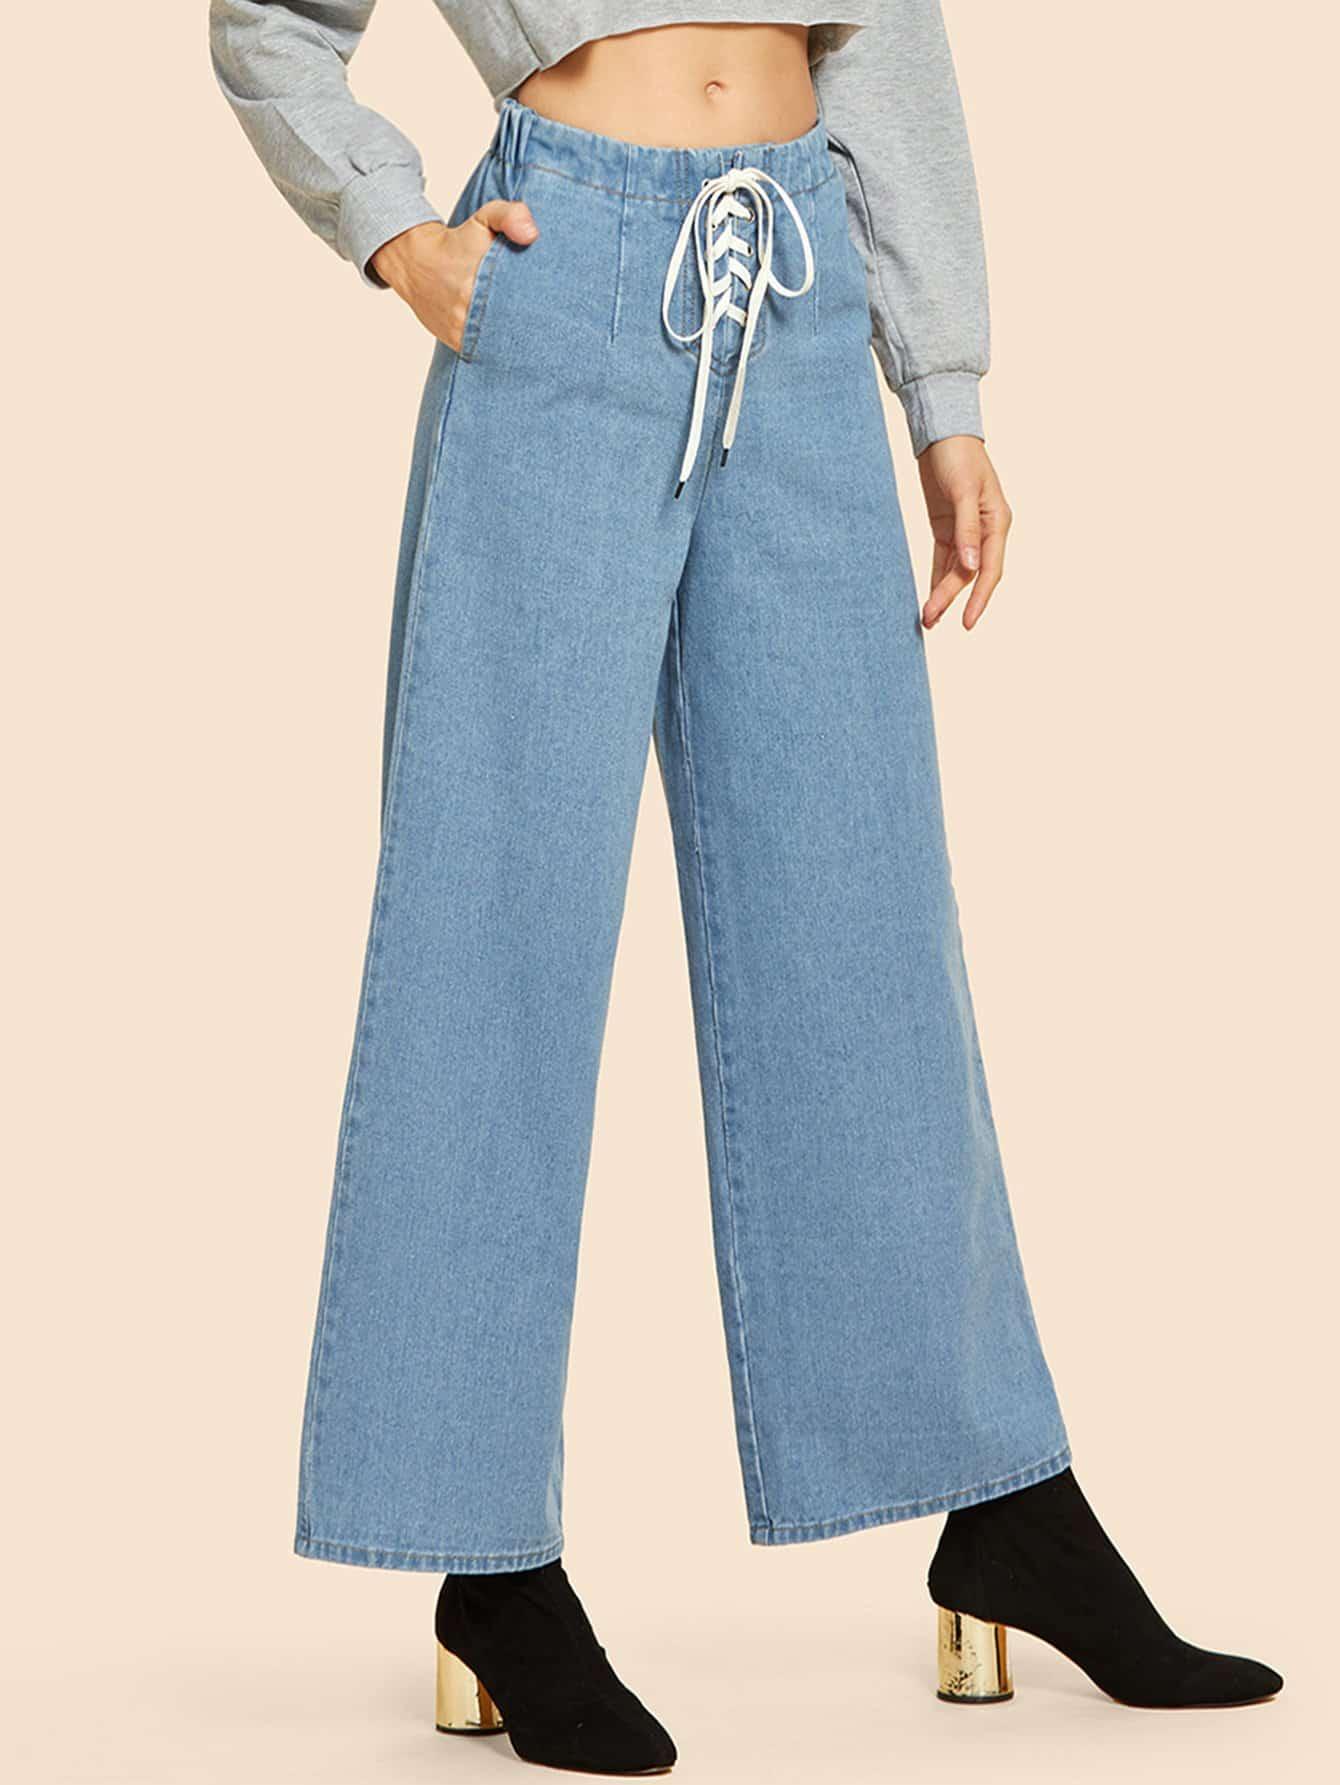 Купить Широкие ножные джинсы с шнурками, Masha, SheIn